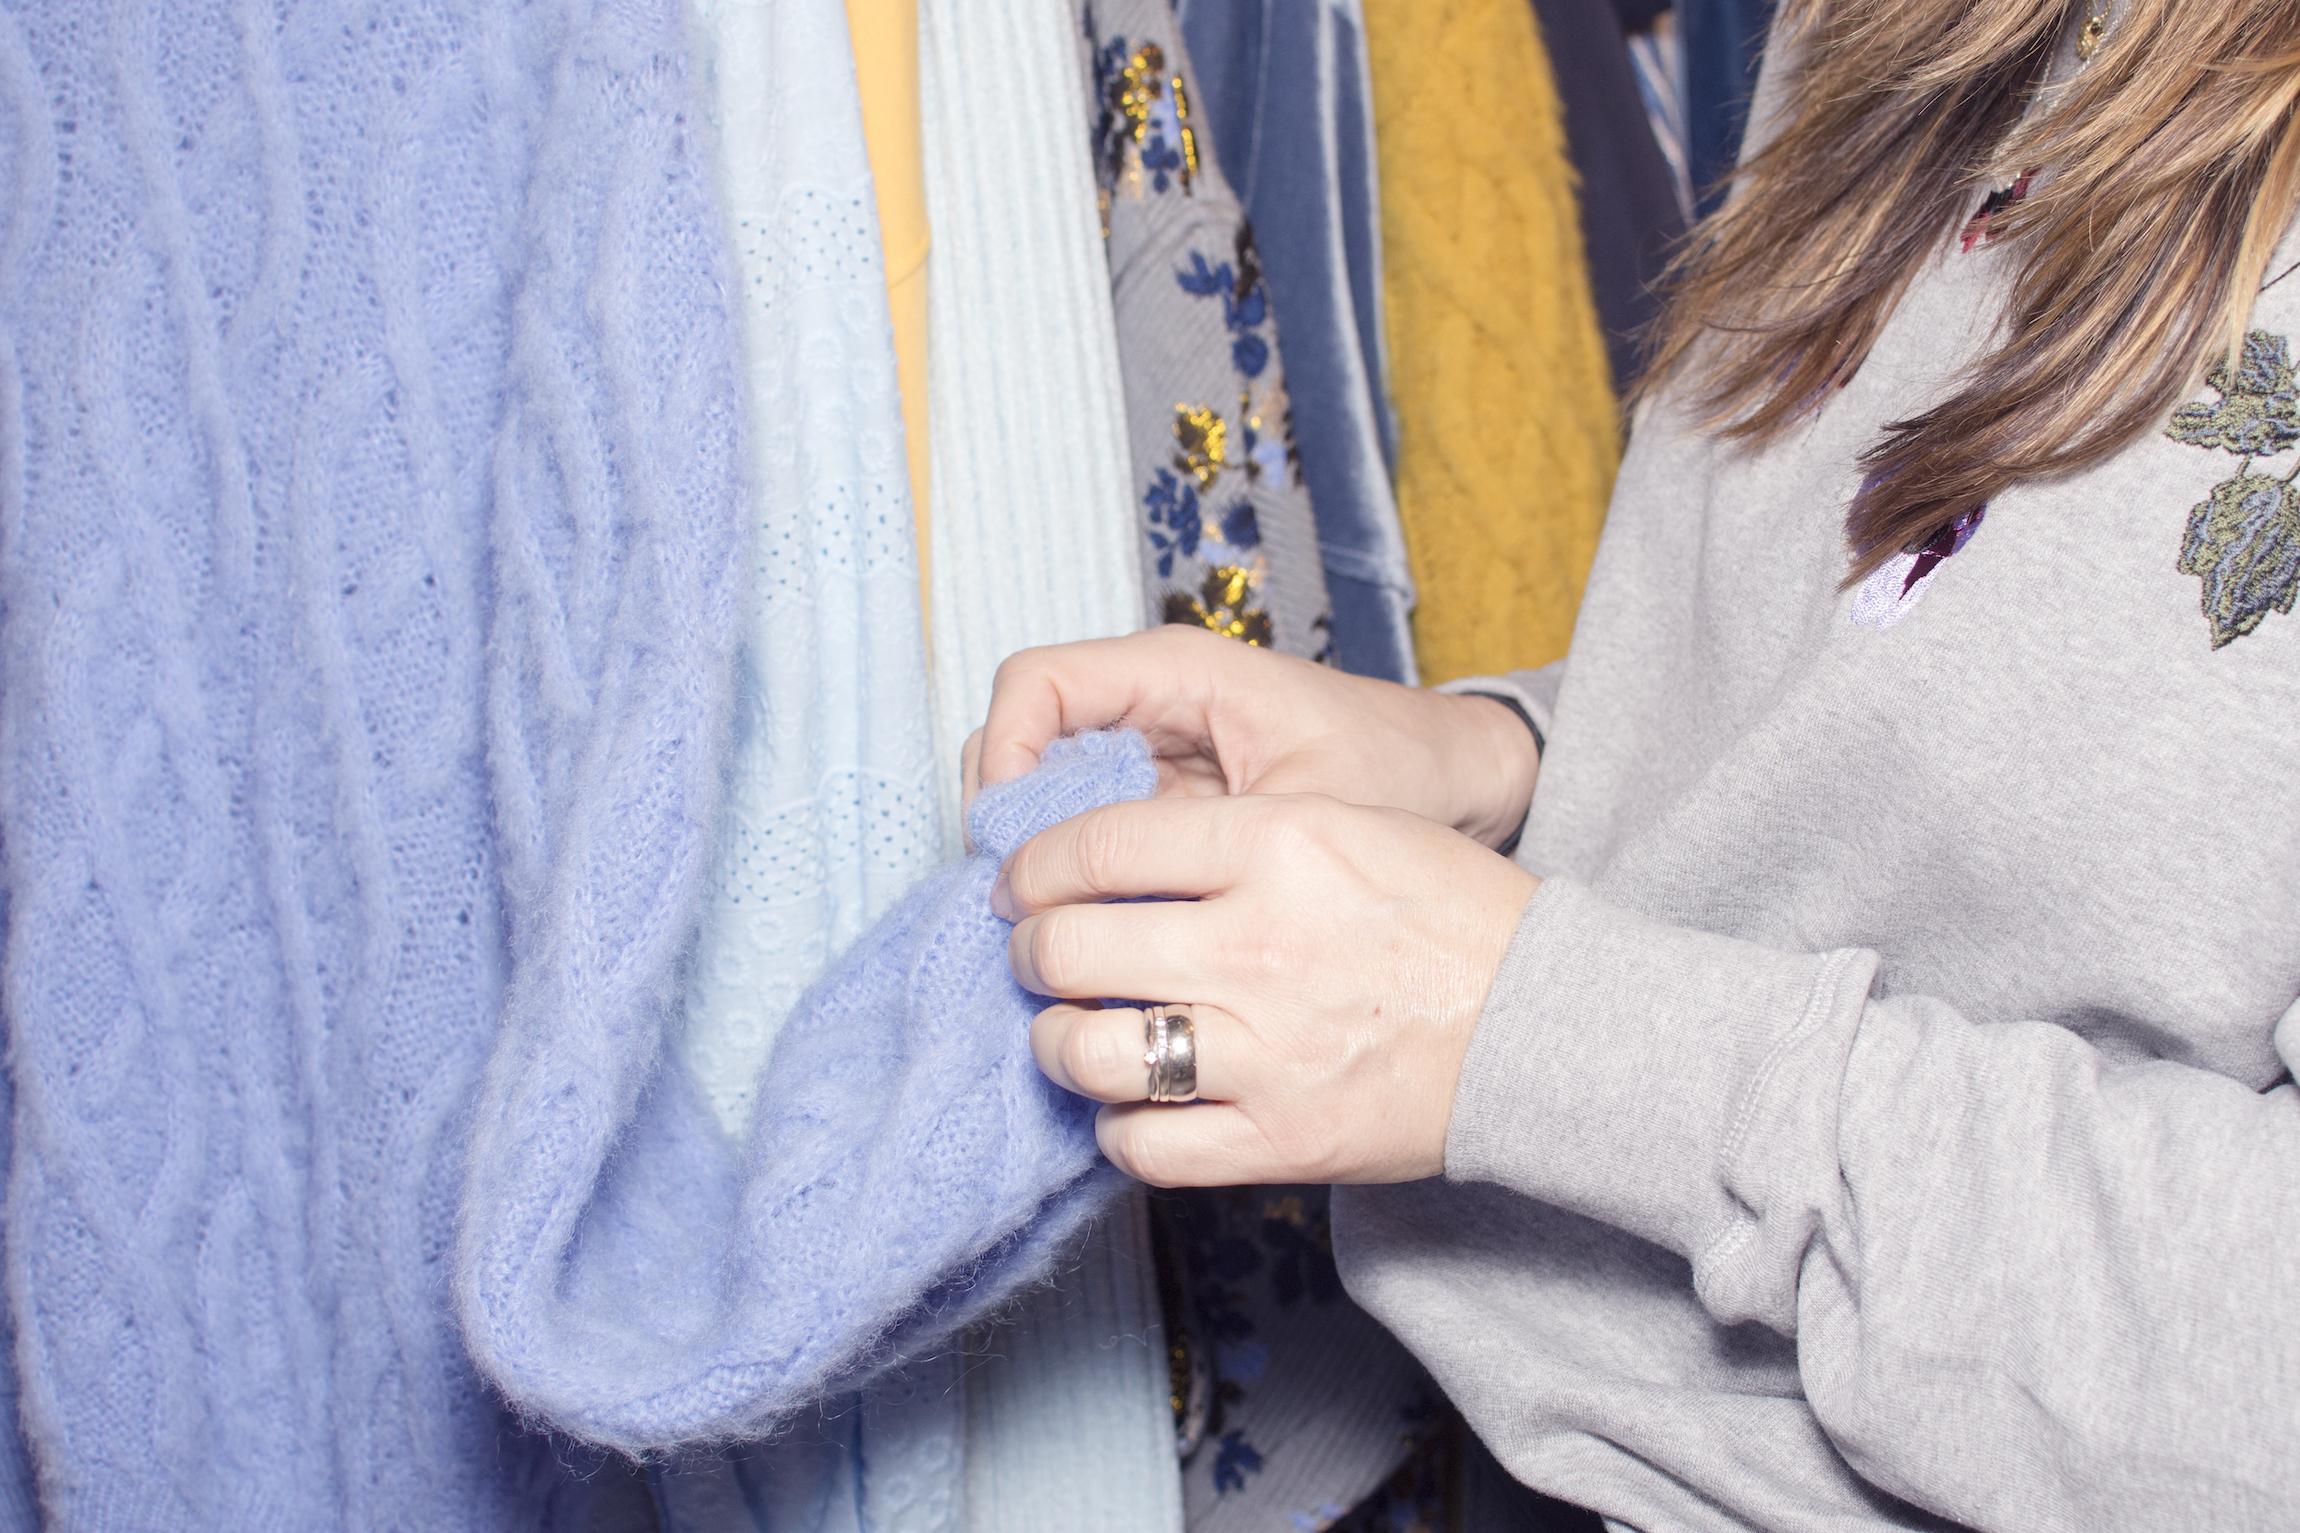 Nordbæks hender og en genser